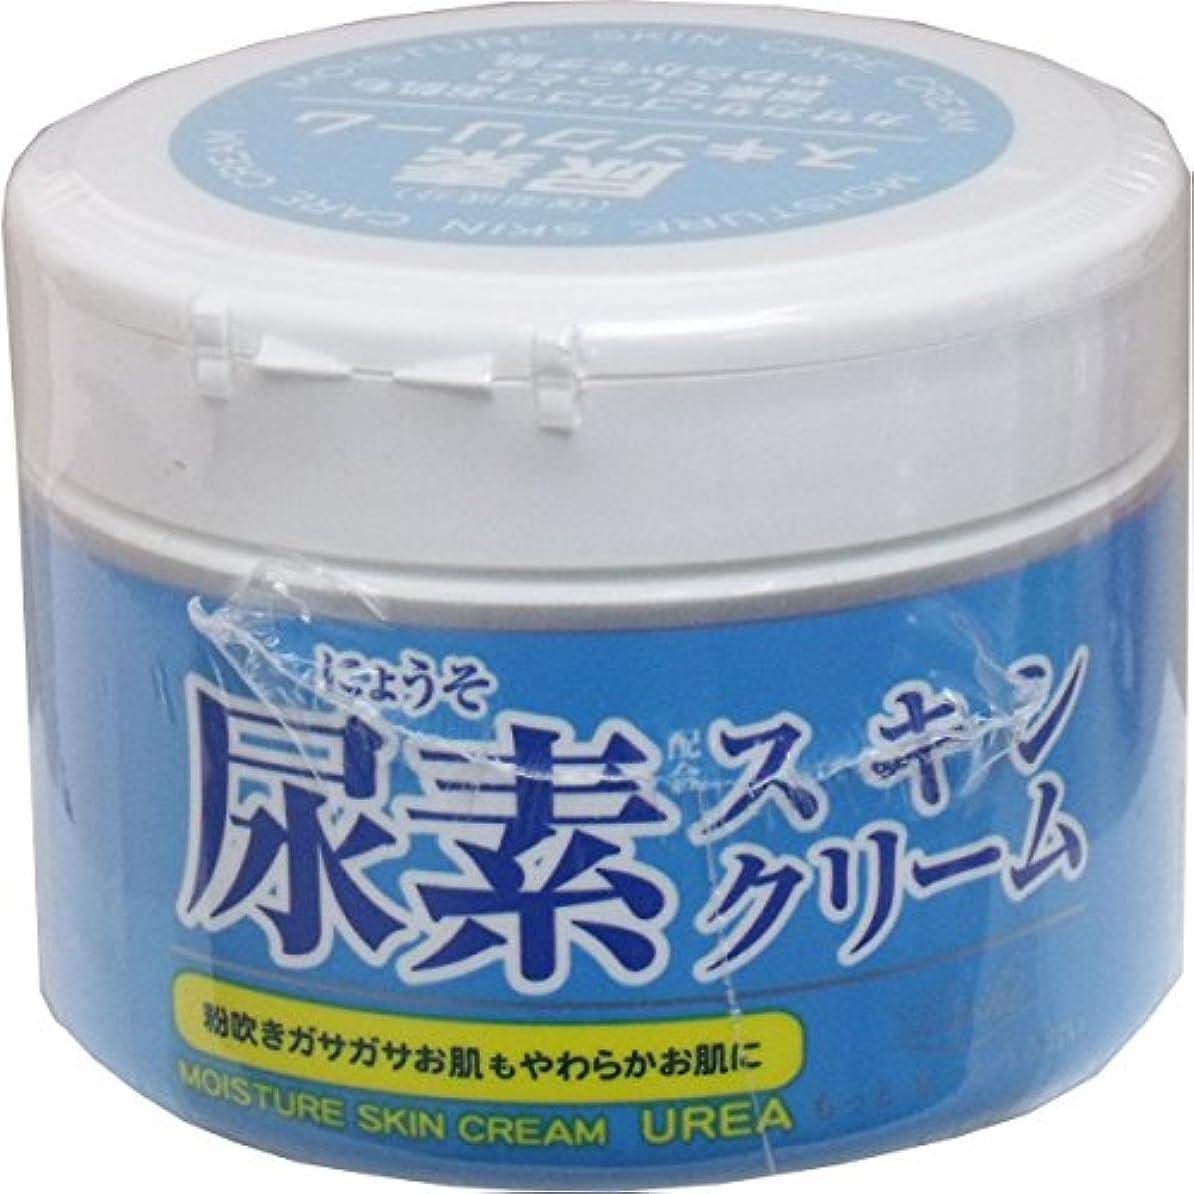 数値乳白色アプローチロッシモイストエイド 尿素スキンクリーム 220g